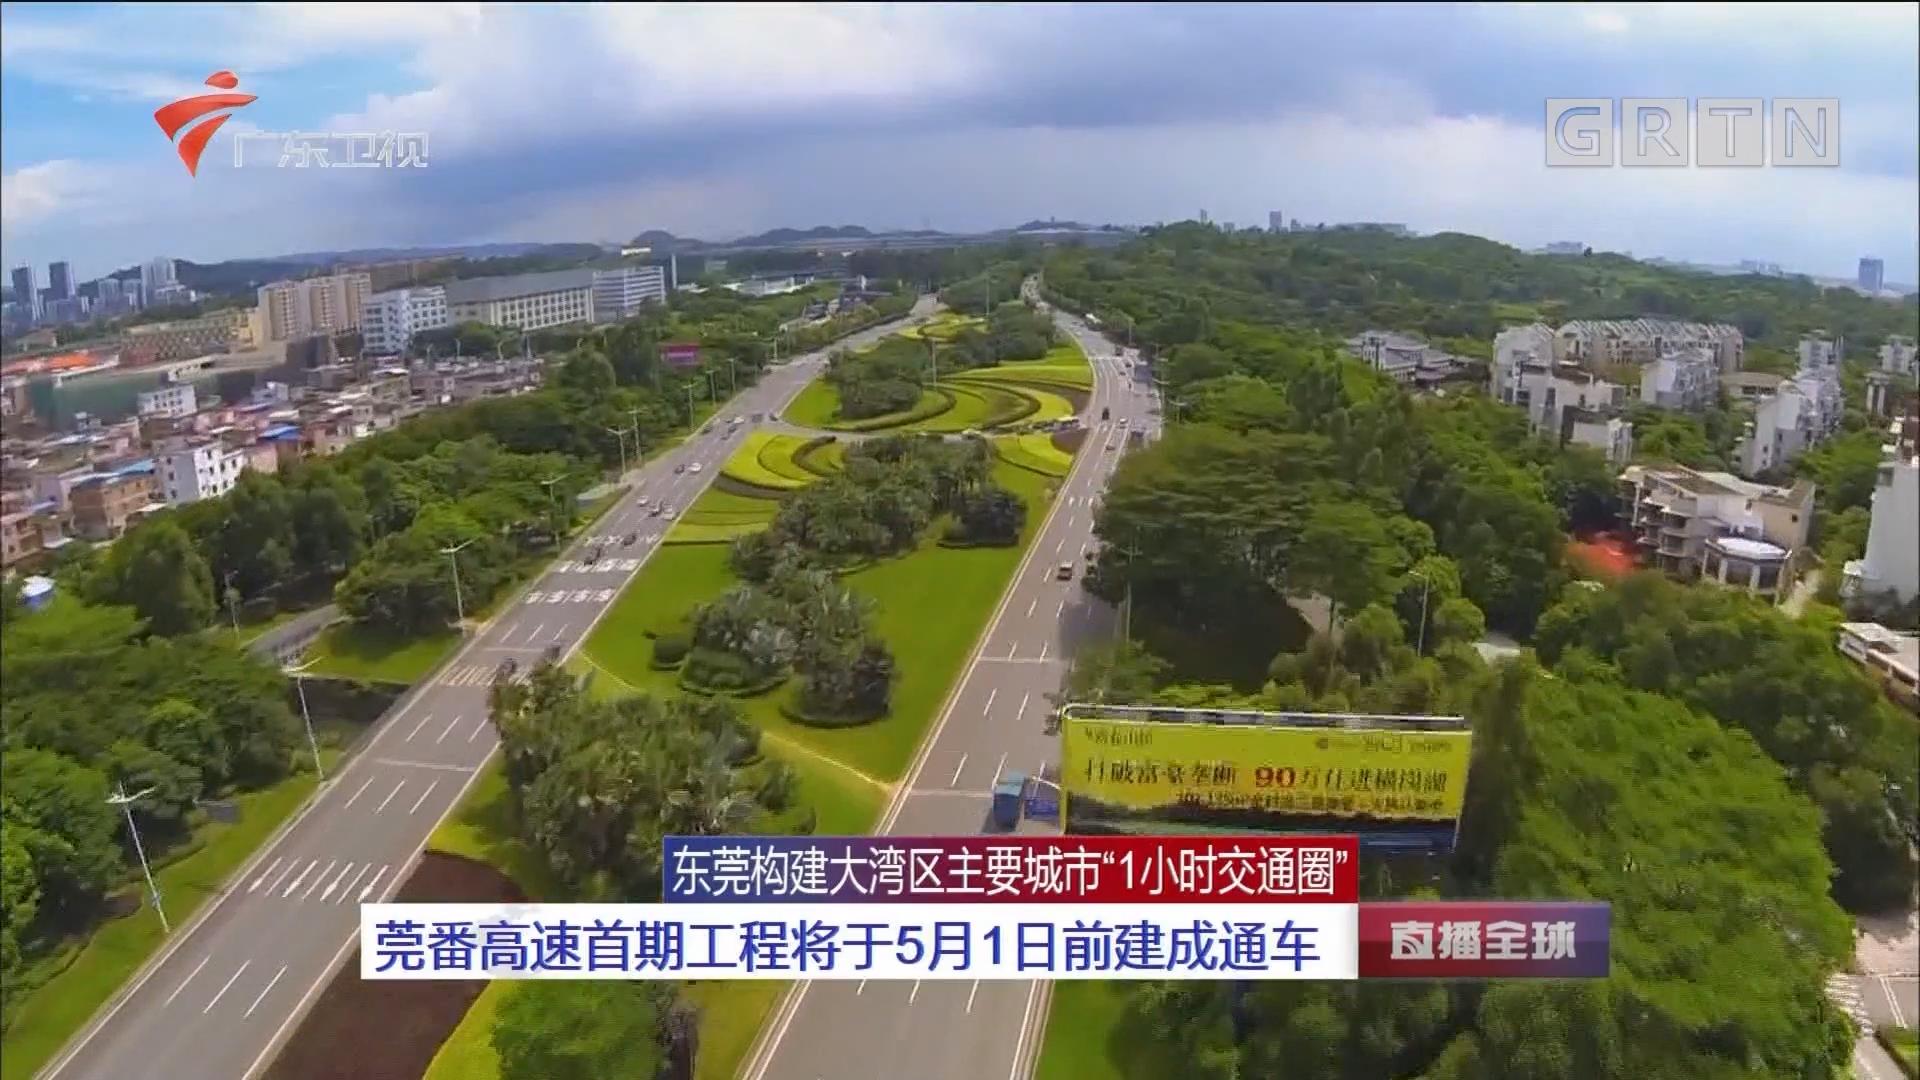 """东莞构建大湾区主要城市""""1小时交通圈"""" 莞番高速首期工程将于5月1日前建成通车"""